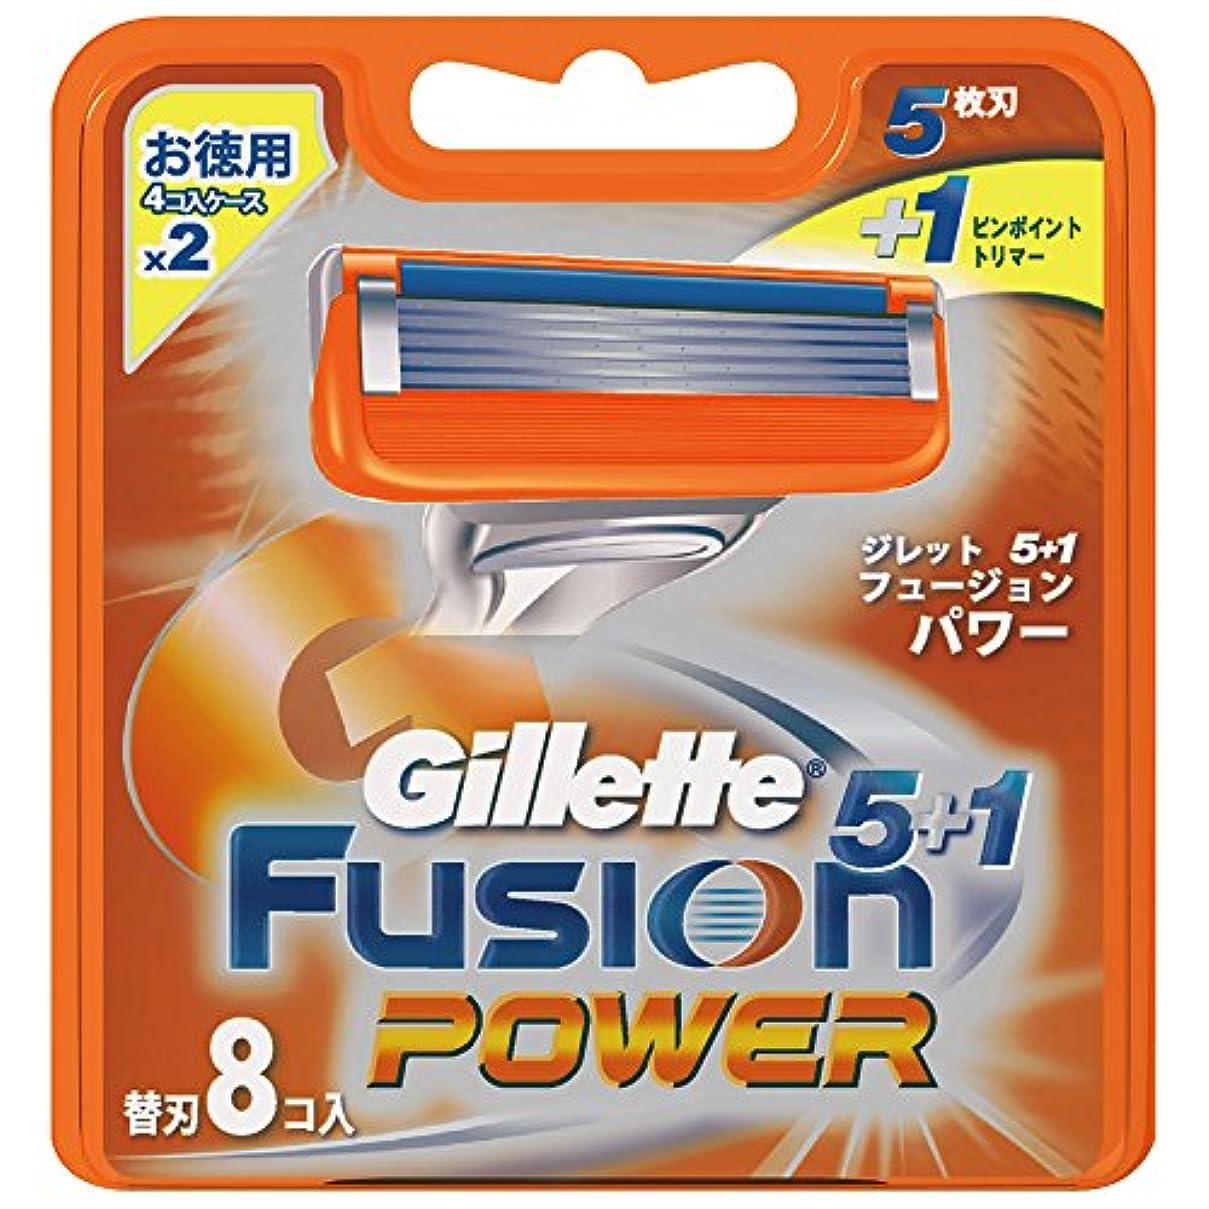 土器経済全部ジレット 髭剃り フュージョン5+1 パワー 替刃8個入